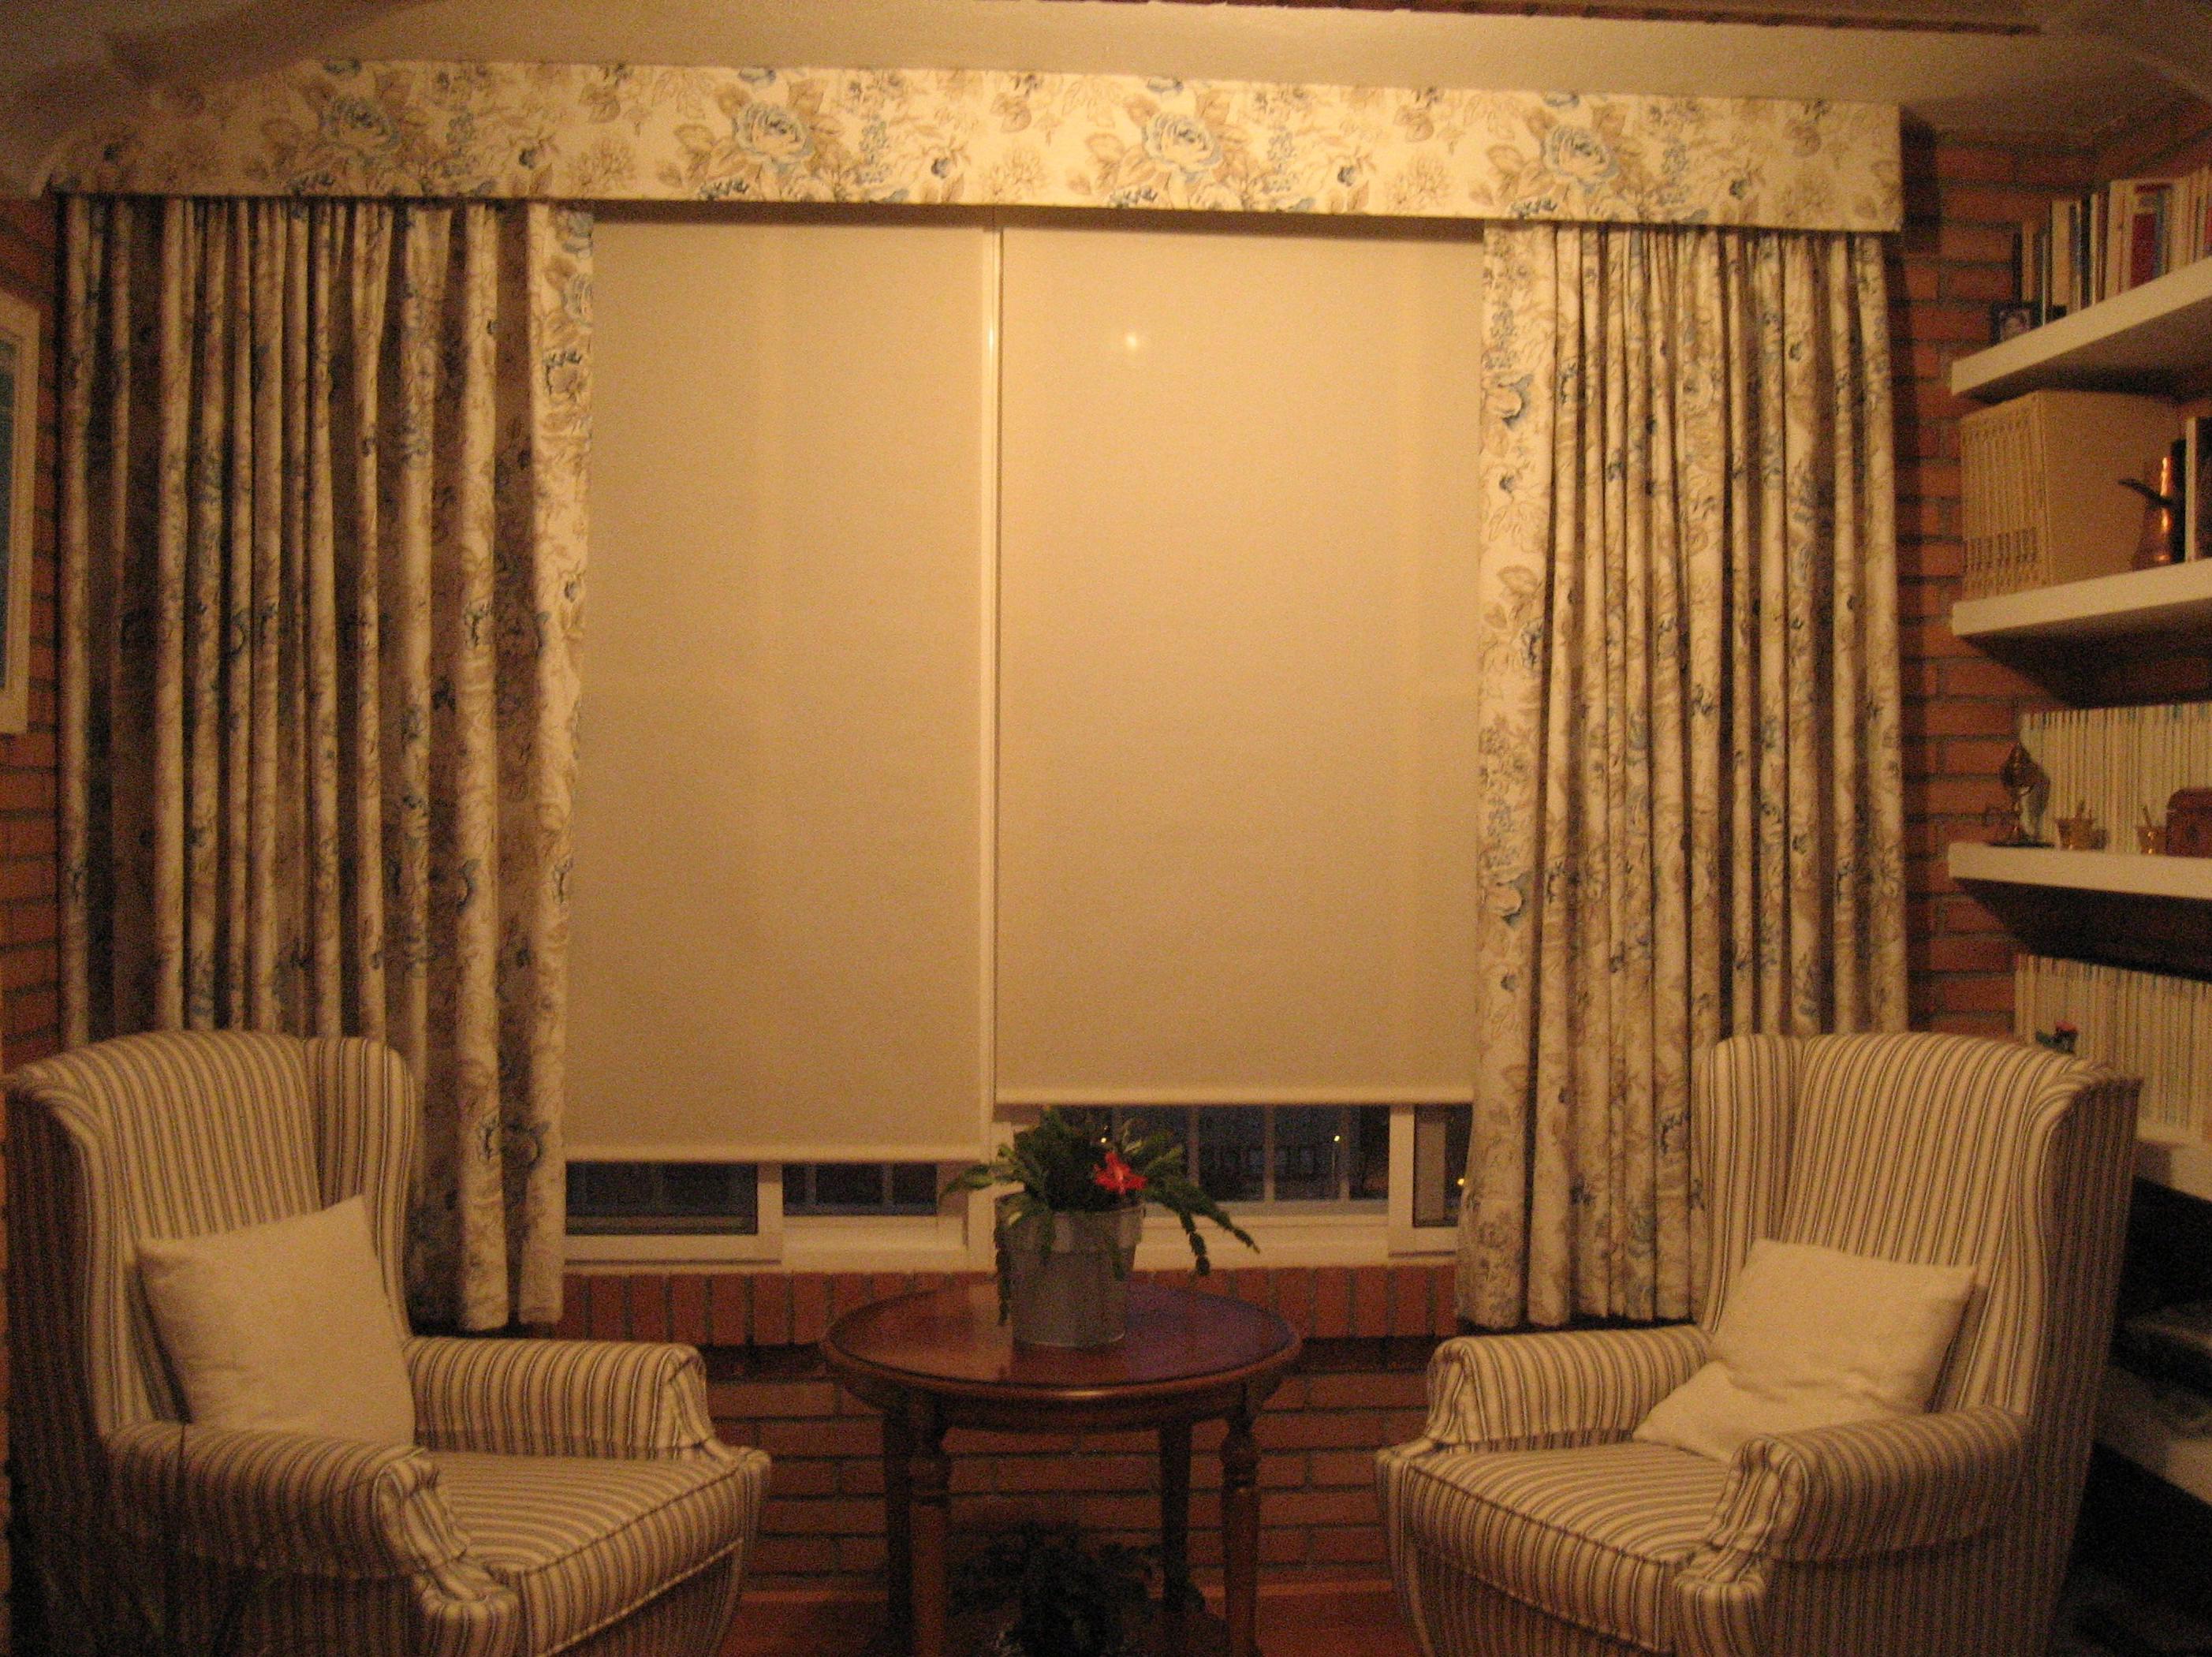 Estores enrollables screen con sobrecortina, tapizado de sillones.